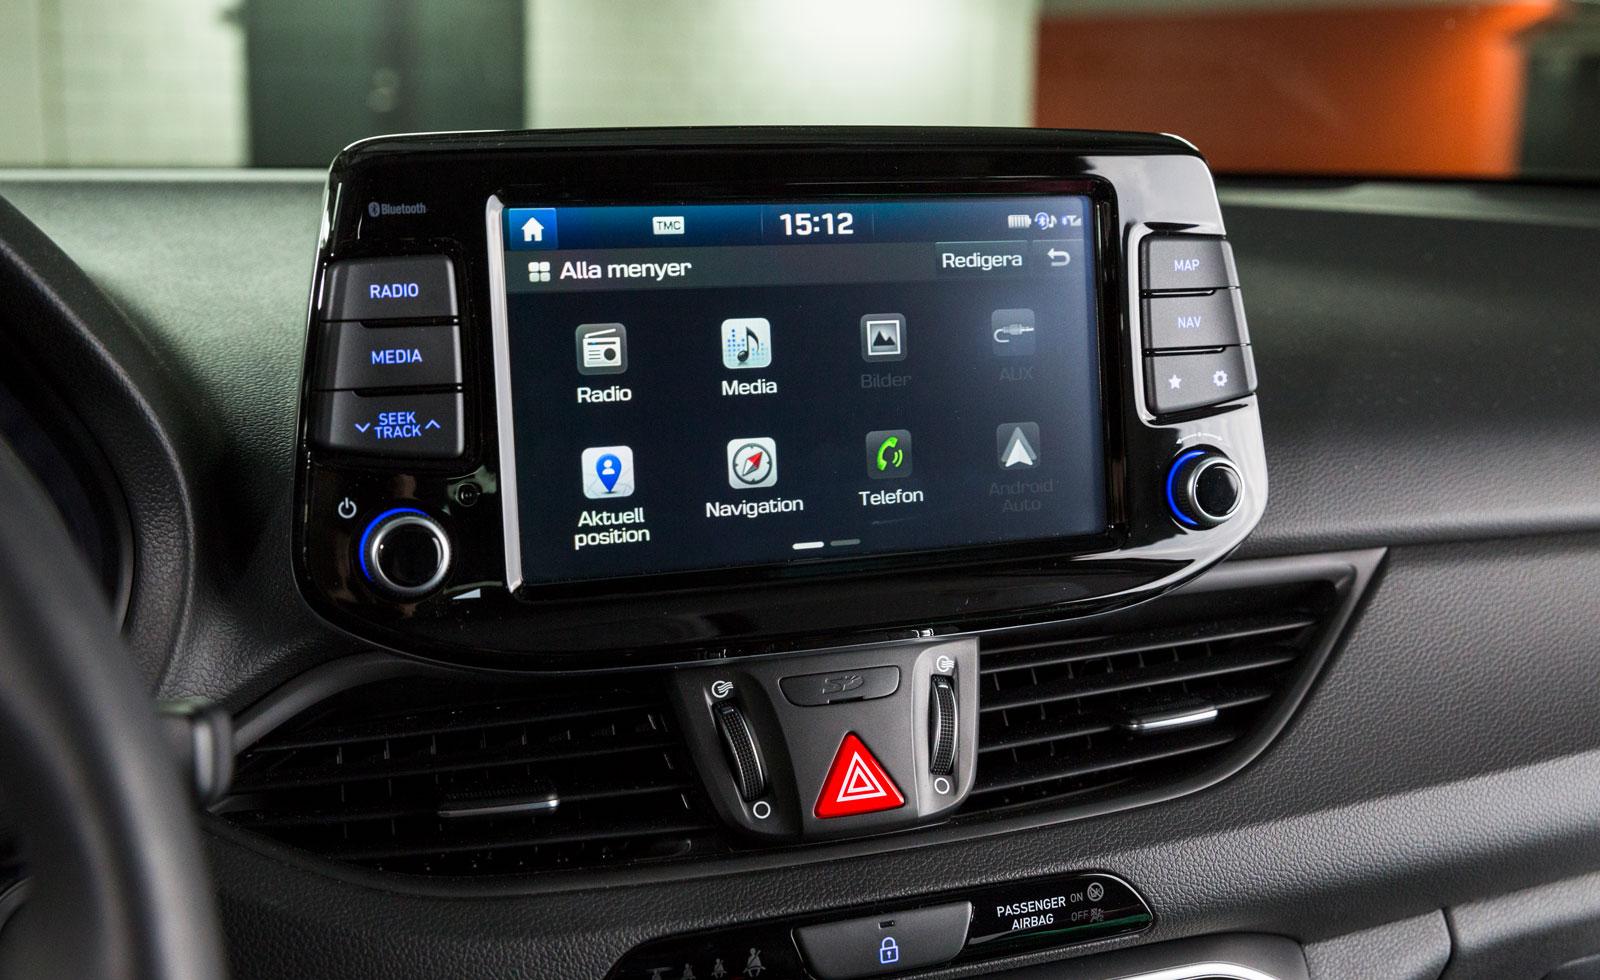 Hyundai har testets mest intuitiva och lättskötta infotainmentsystem. Navigation är standard och snabbknappar finns till flera av de vitala funktionerna.